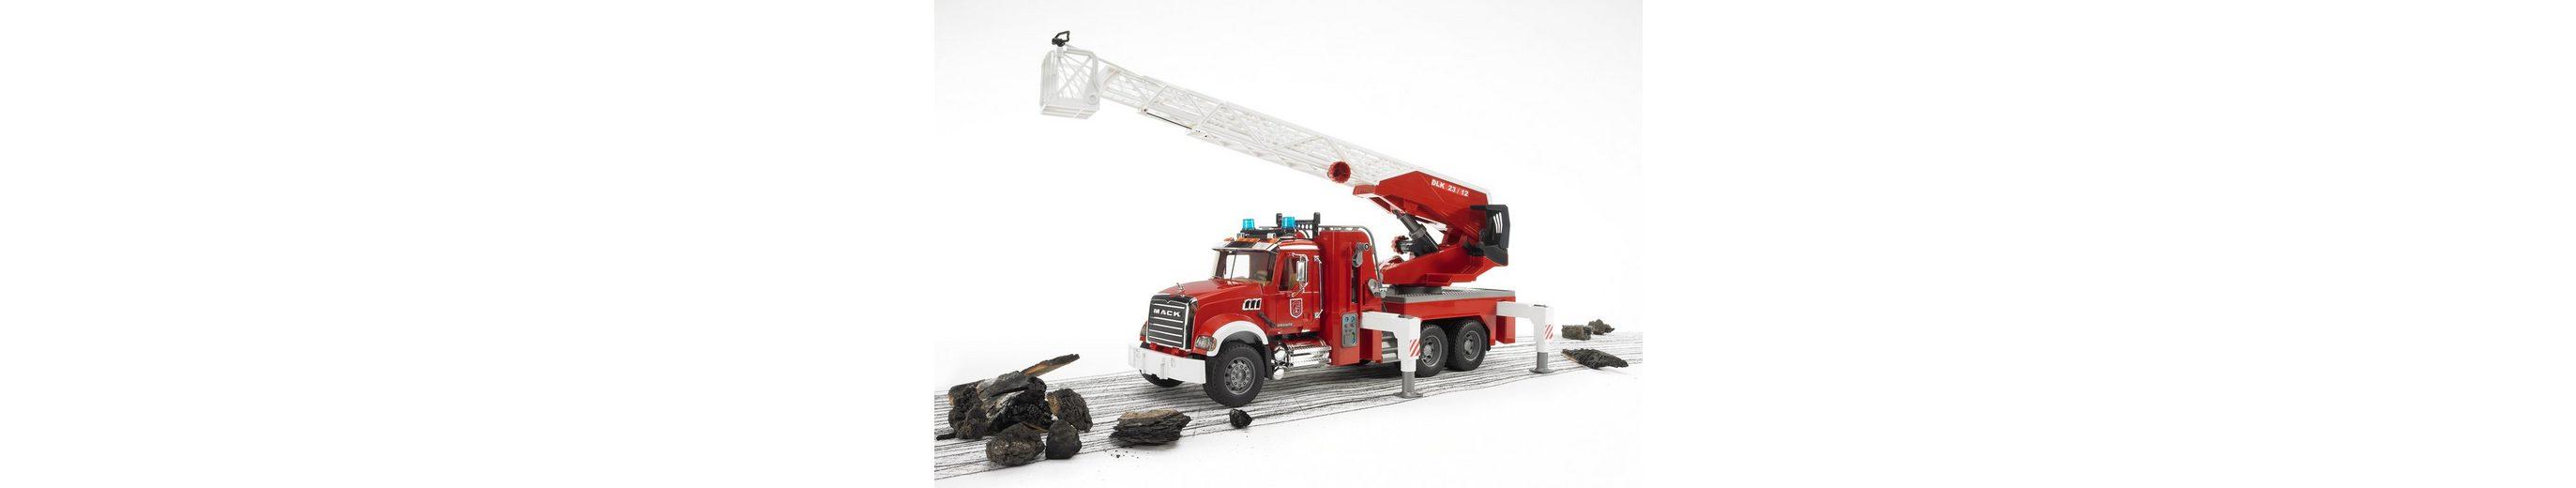 bruder® Feuerwehrleiterwagen mit Pumpe, »Mack Granite«